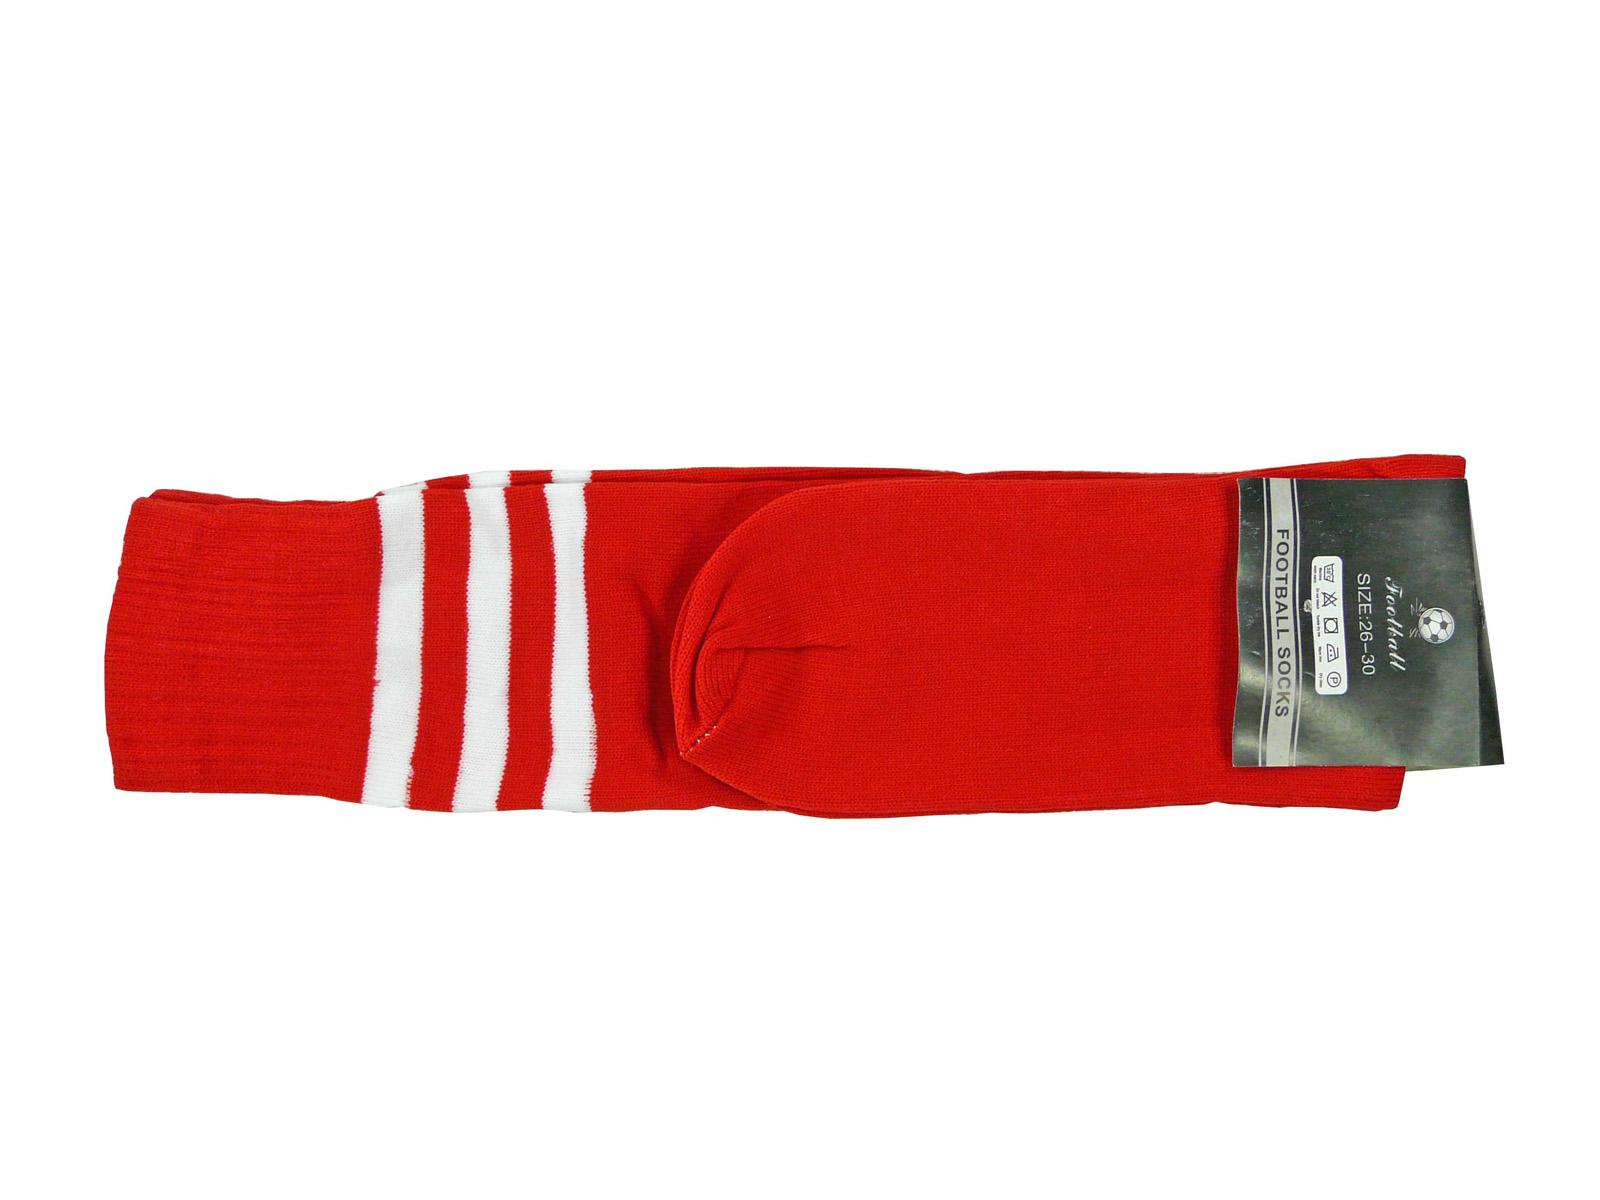 Спортивная обувь Warrior С подкладкой из хлопка Осенью 2011 года Универсальная Другой материал